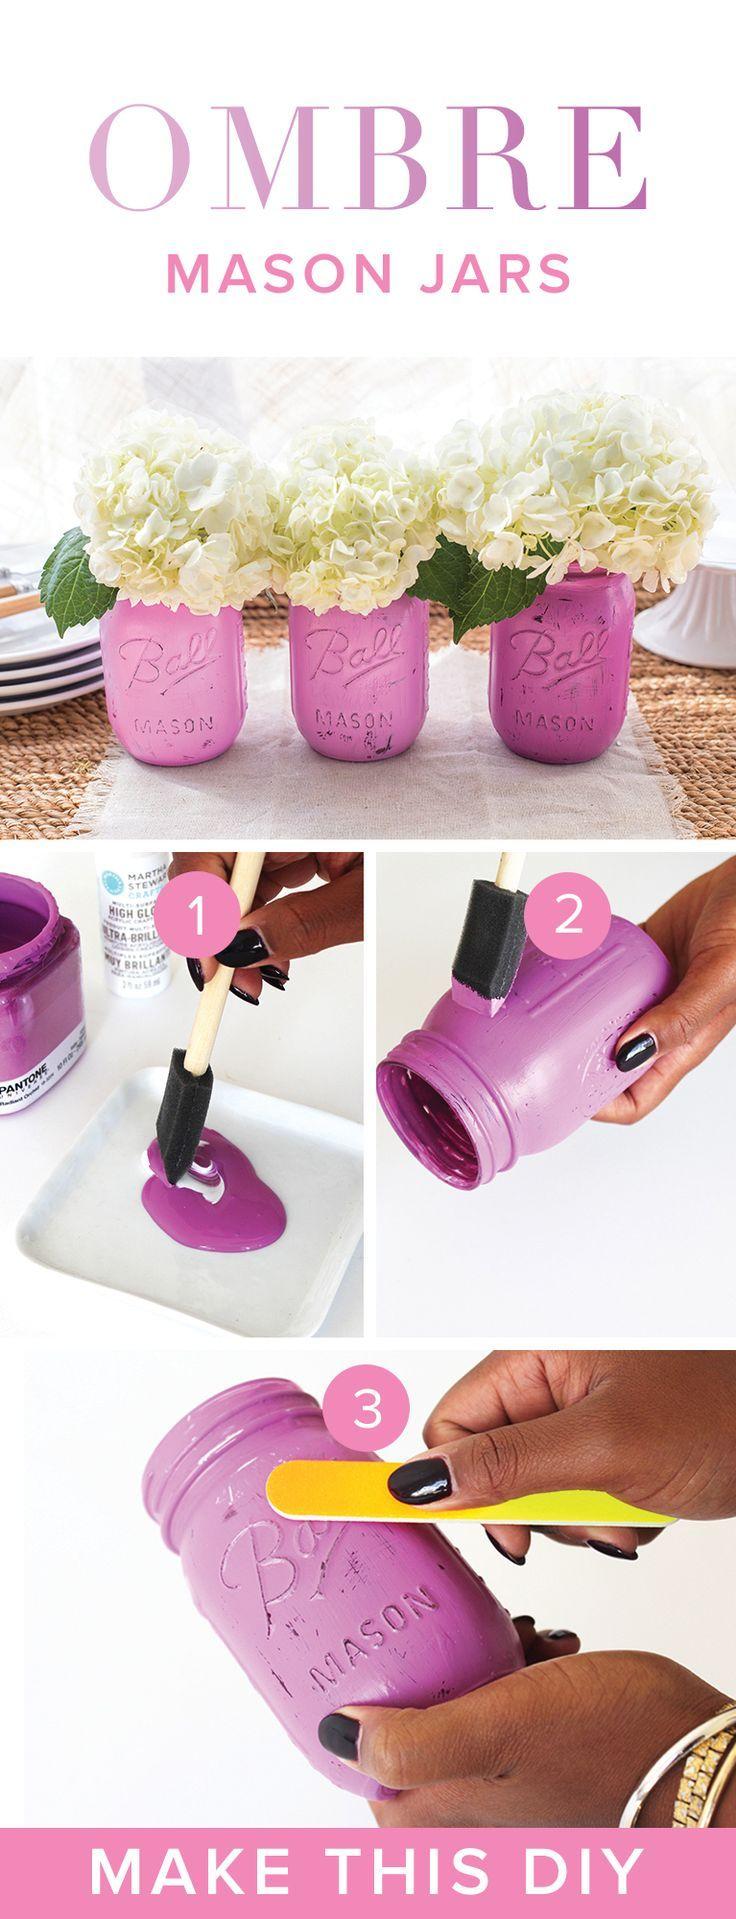 DIY ombre mason jars  wedding ideas